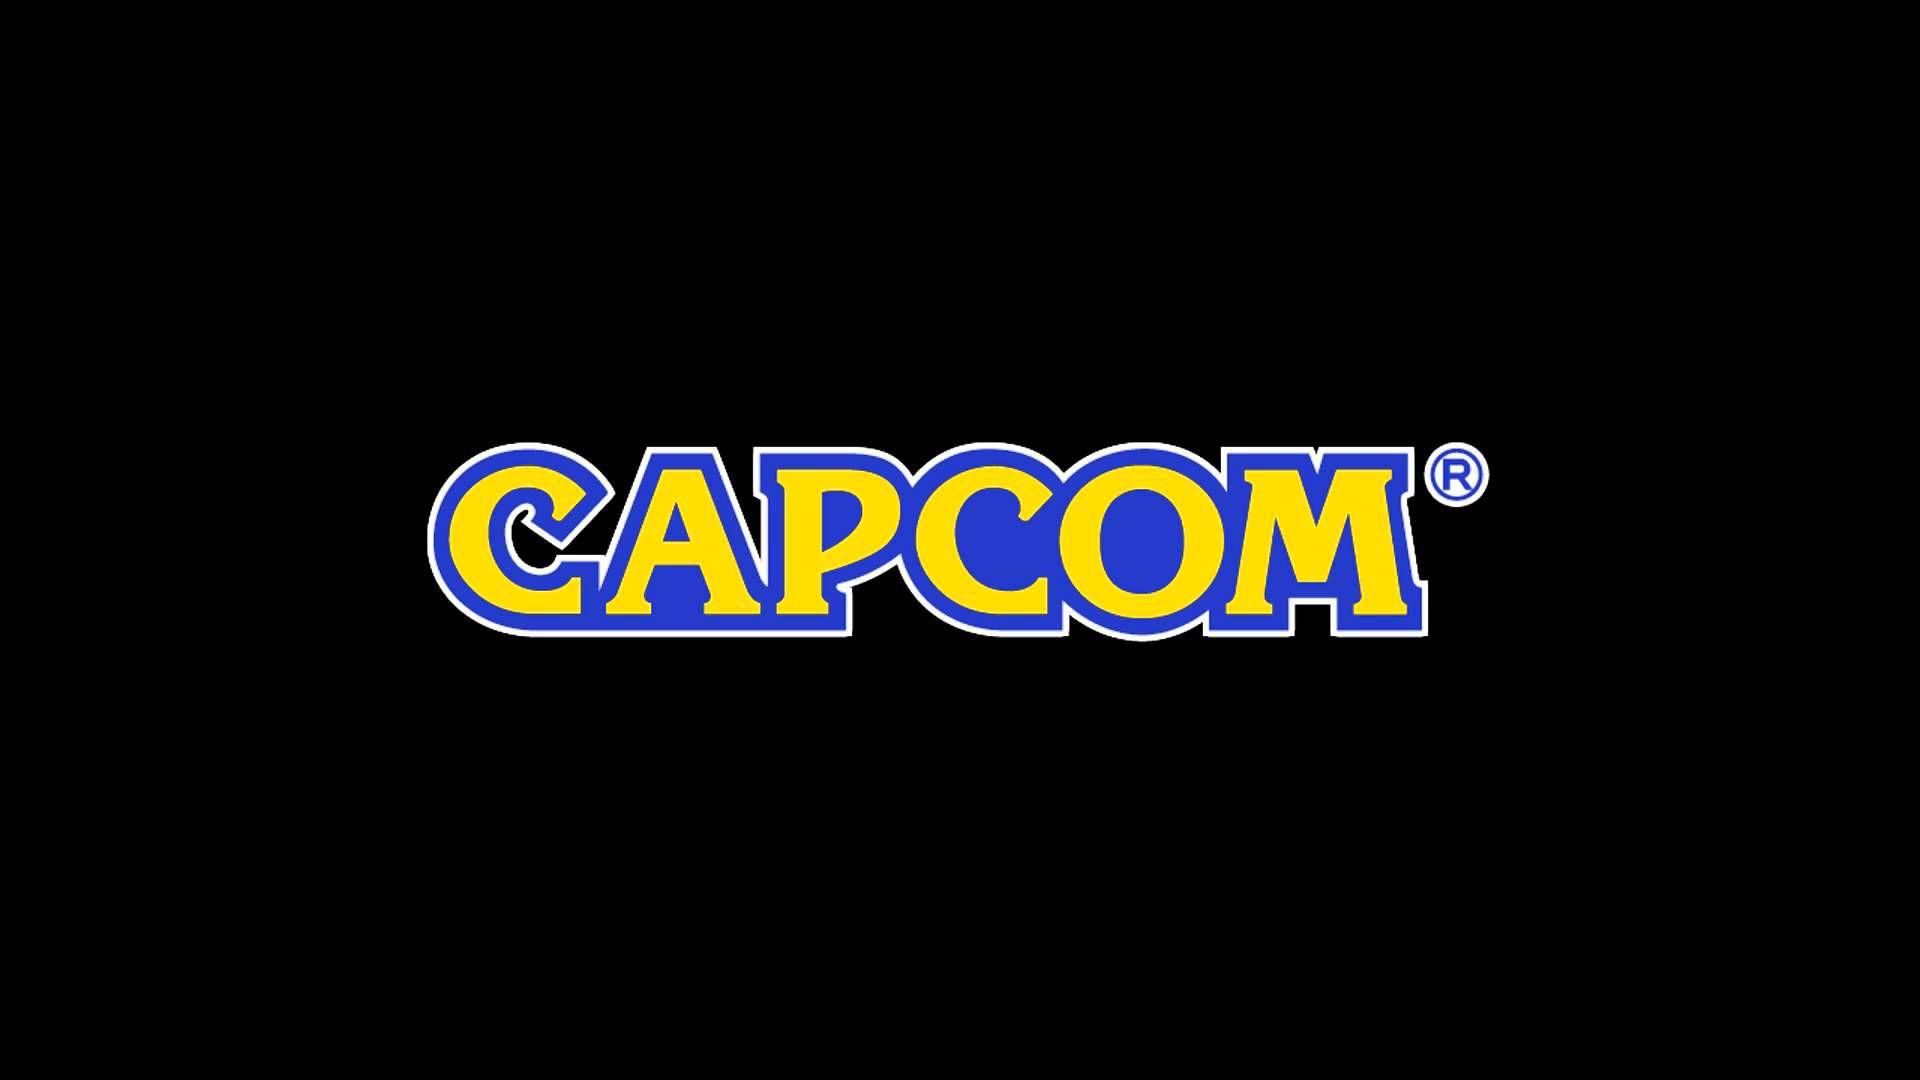 Capcom sarà al TGS 2019 con Monster Hunter World Iceborne e il nuovo Resident Evil